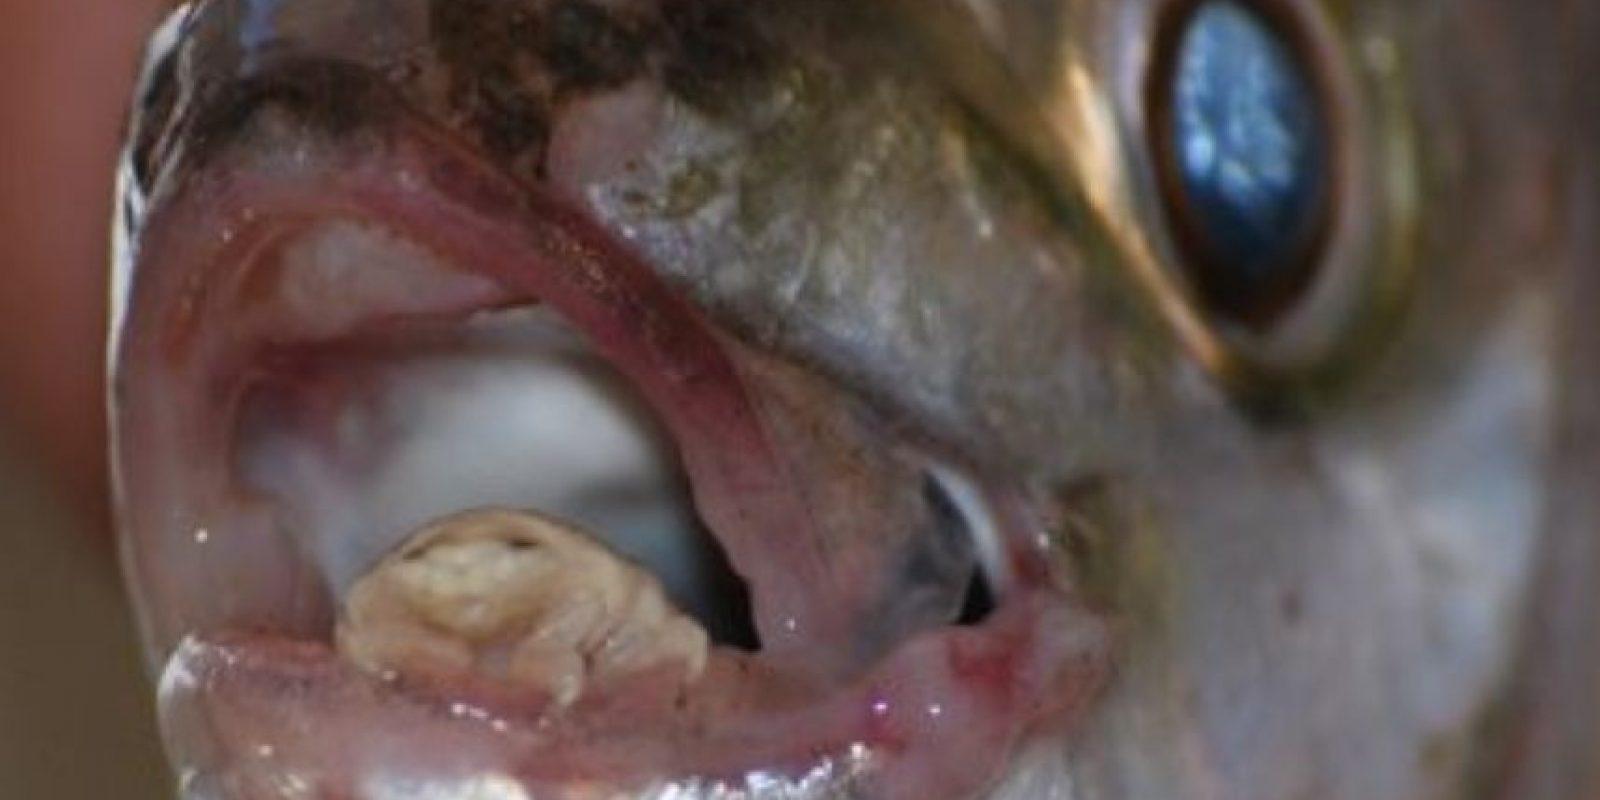 Es un parásito que vive en las lenguas de los peces. Bebe la sangre de esta parte de su cuerpo y la desintegra. Foto:vía RealMounstrosities